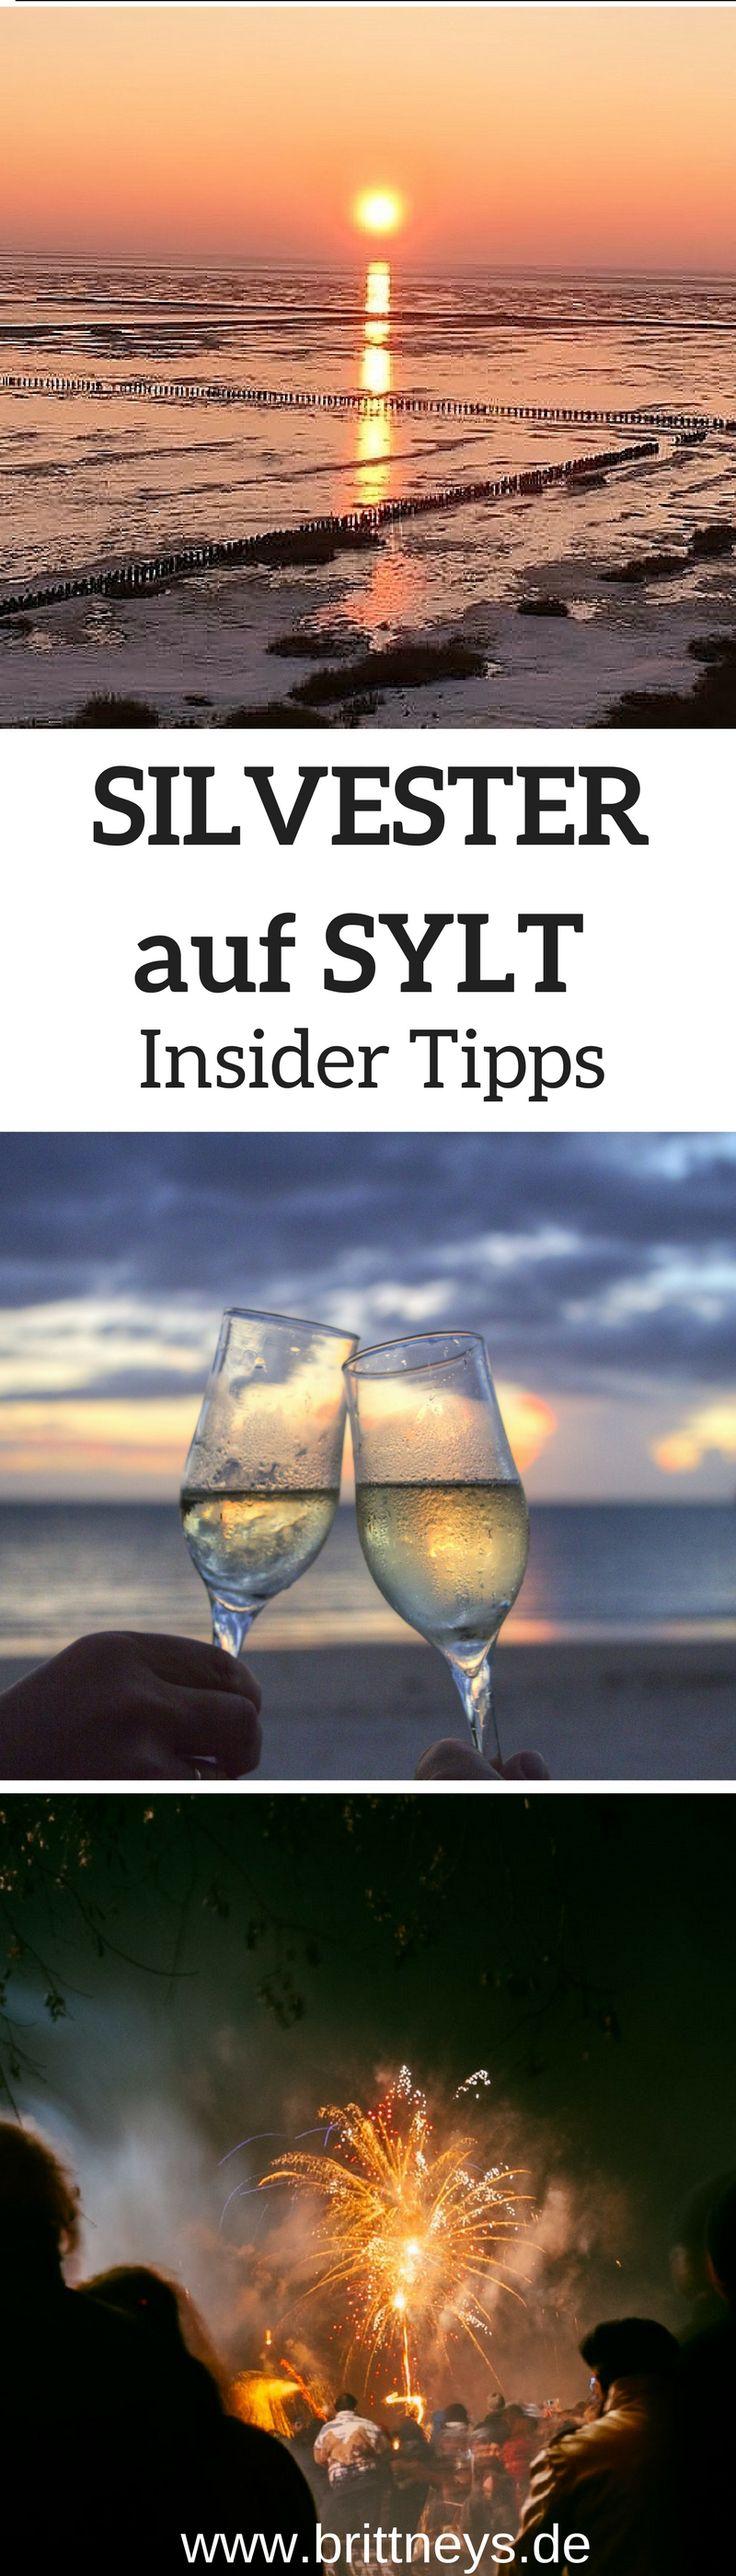 Die ultimative Silvesterfeier auf einer Insel in Deutschland: Silvester auf Sylt. Die perfekten Insider Tipps. #Reisetipp #Sylt #Silvester